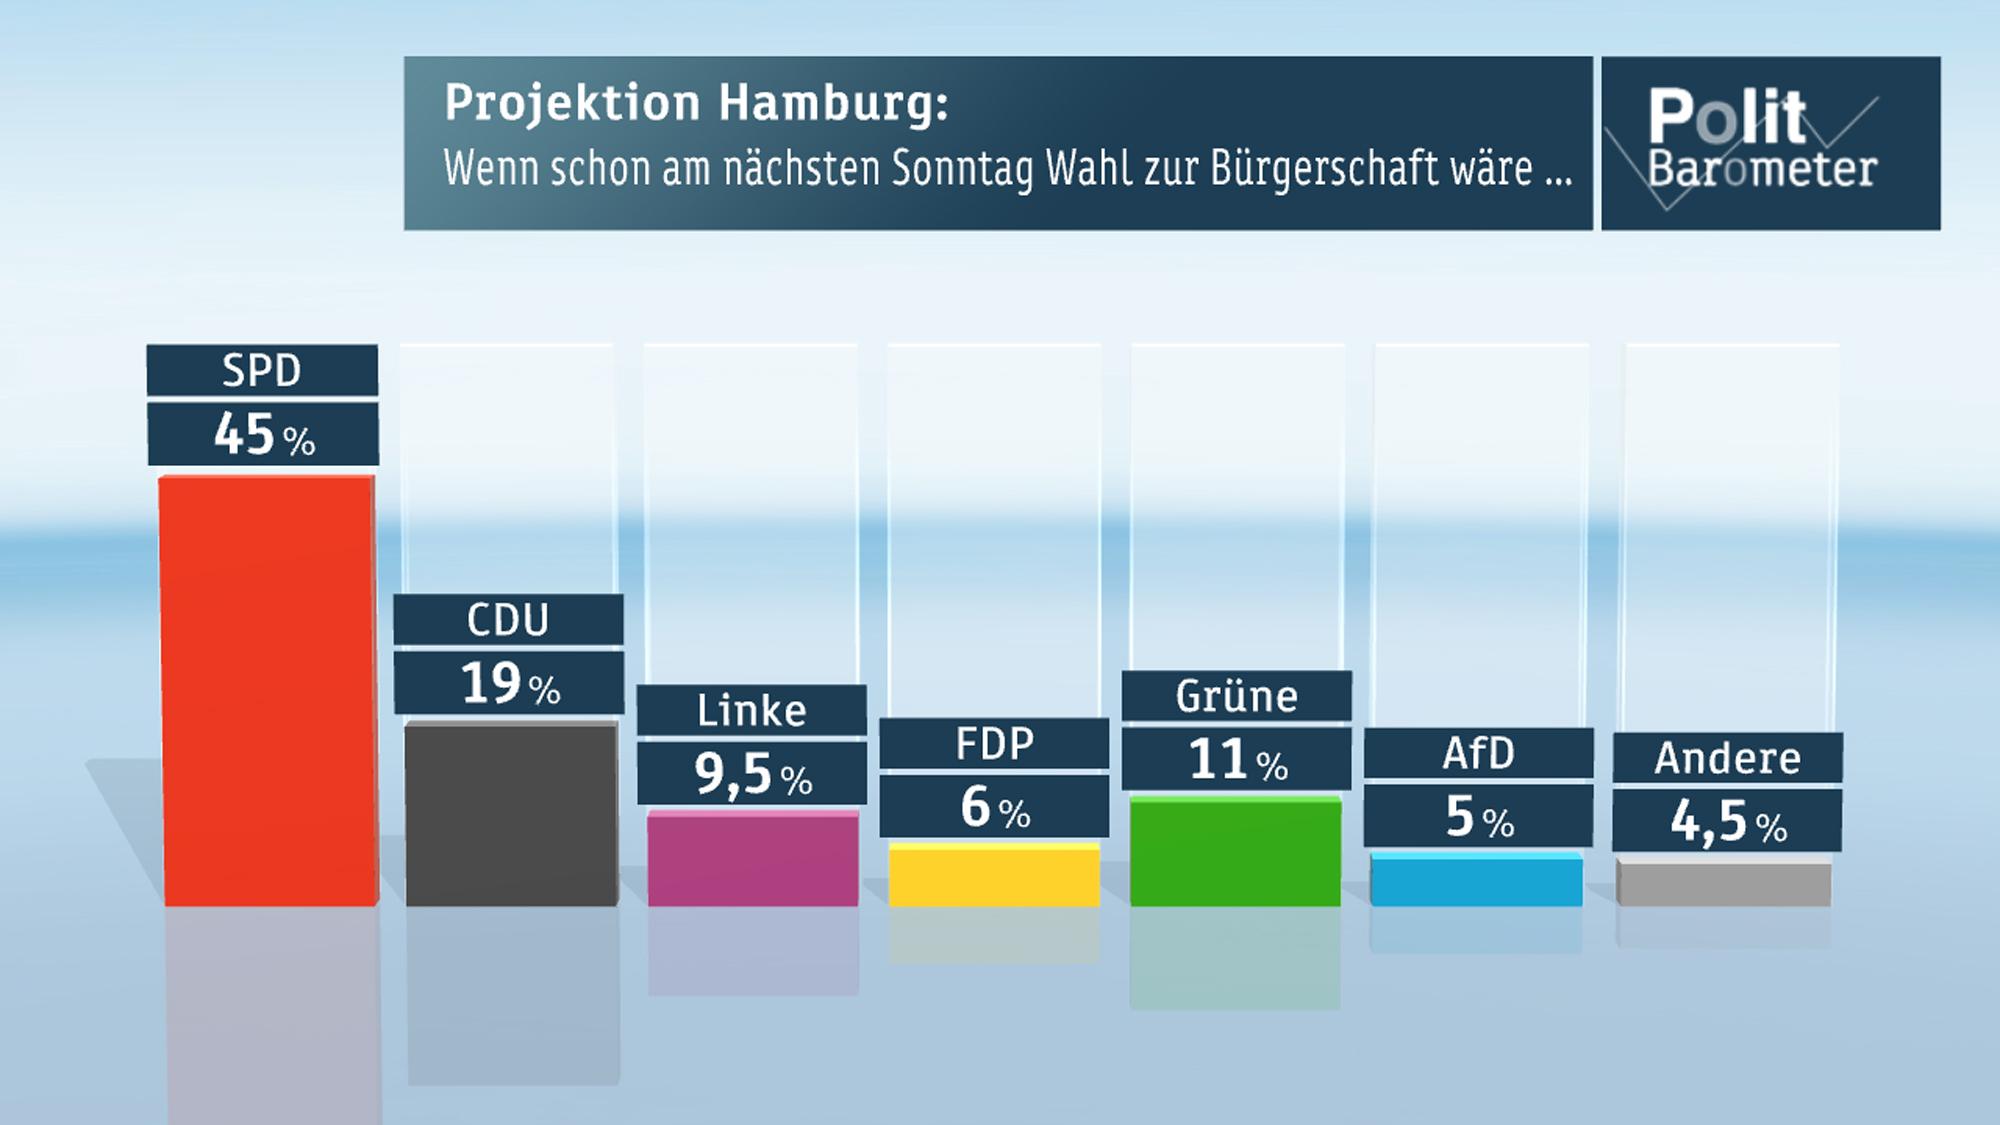 Projektion Hamburg: Wenn am nächsten Sonntag Wahl zur Bürgerschaft wäre